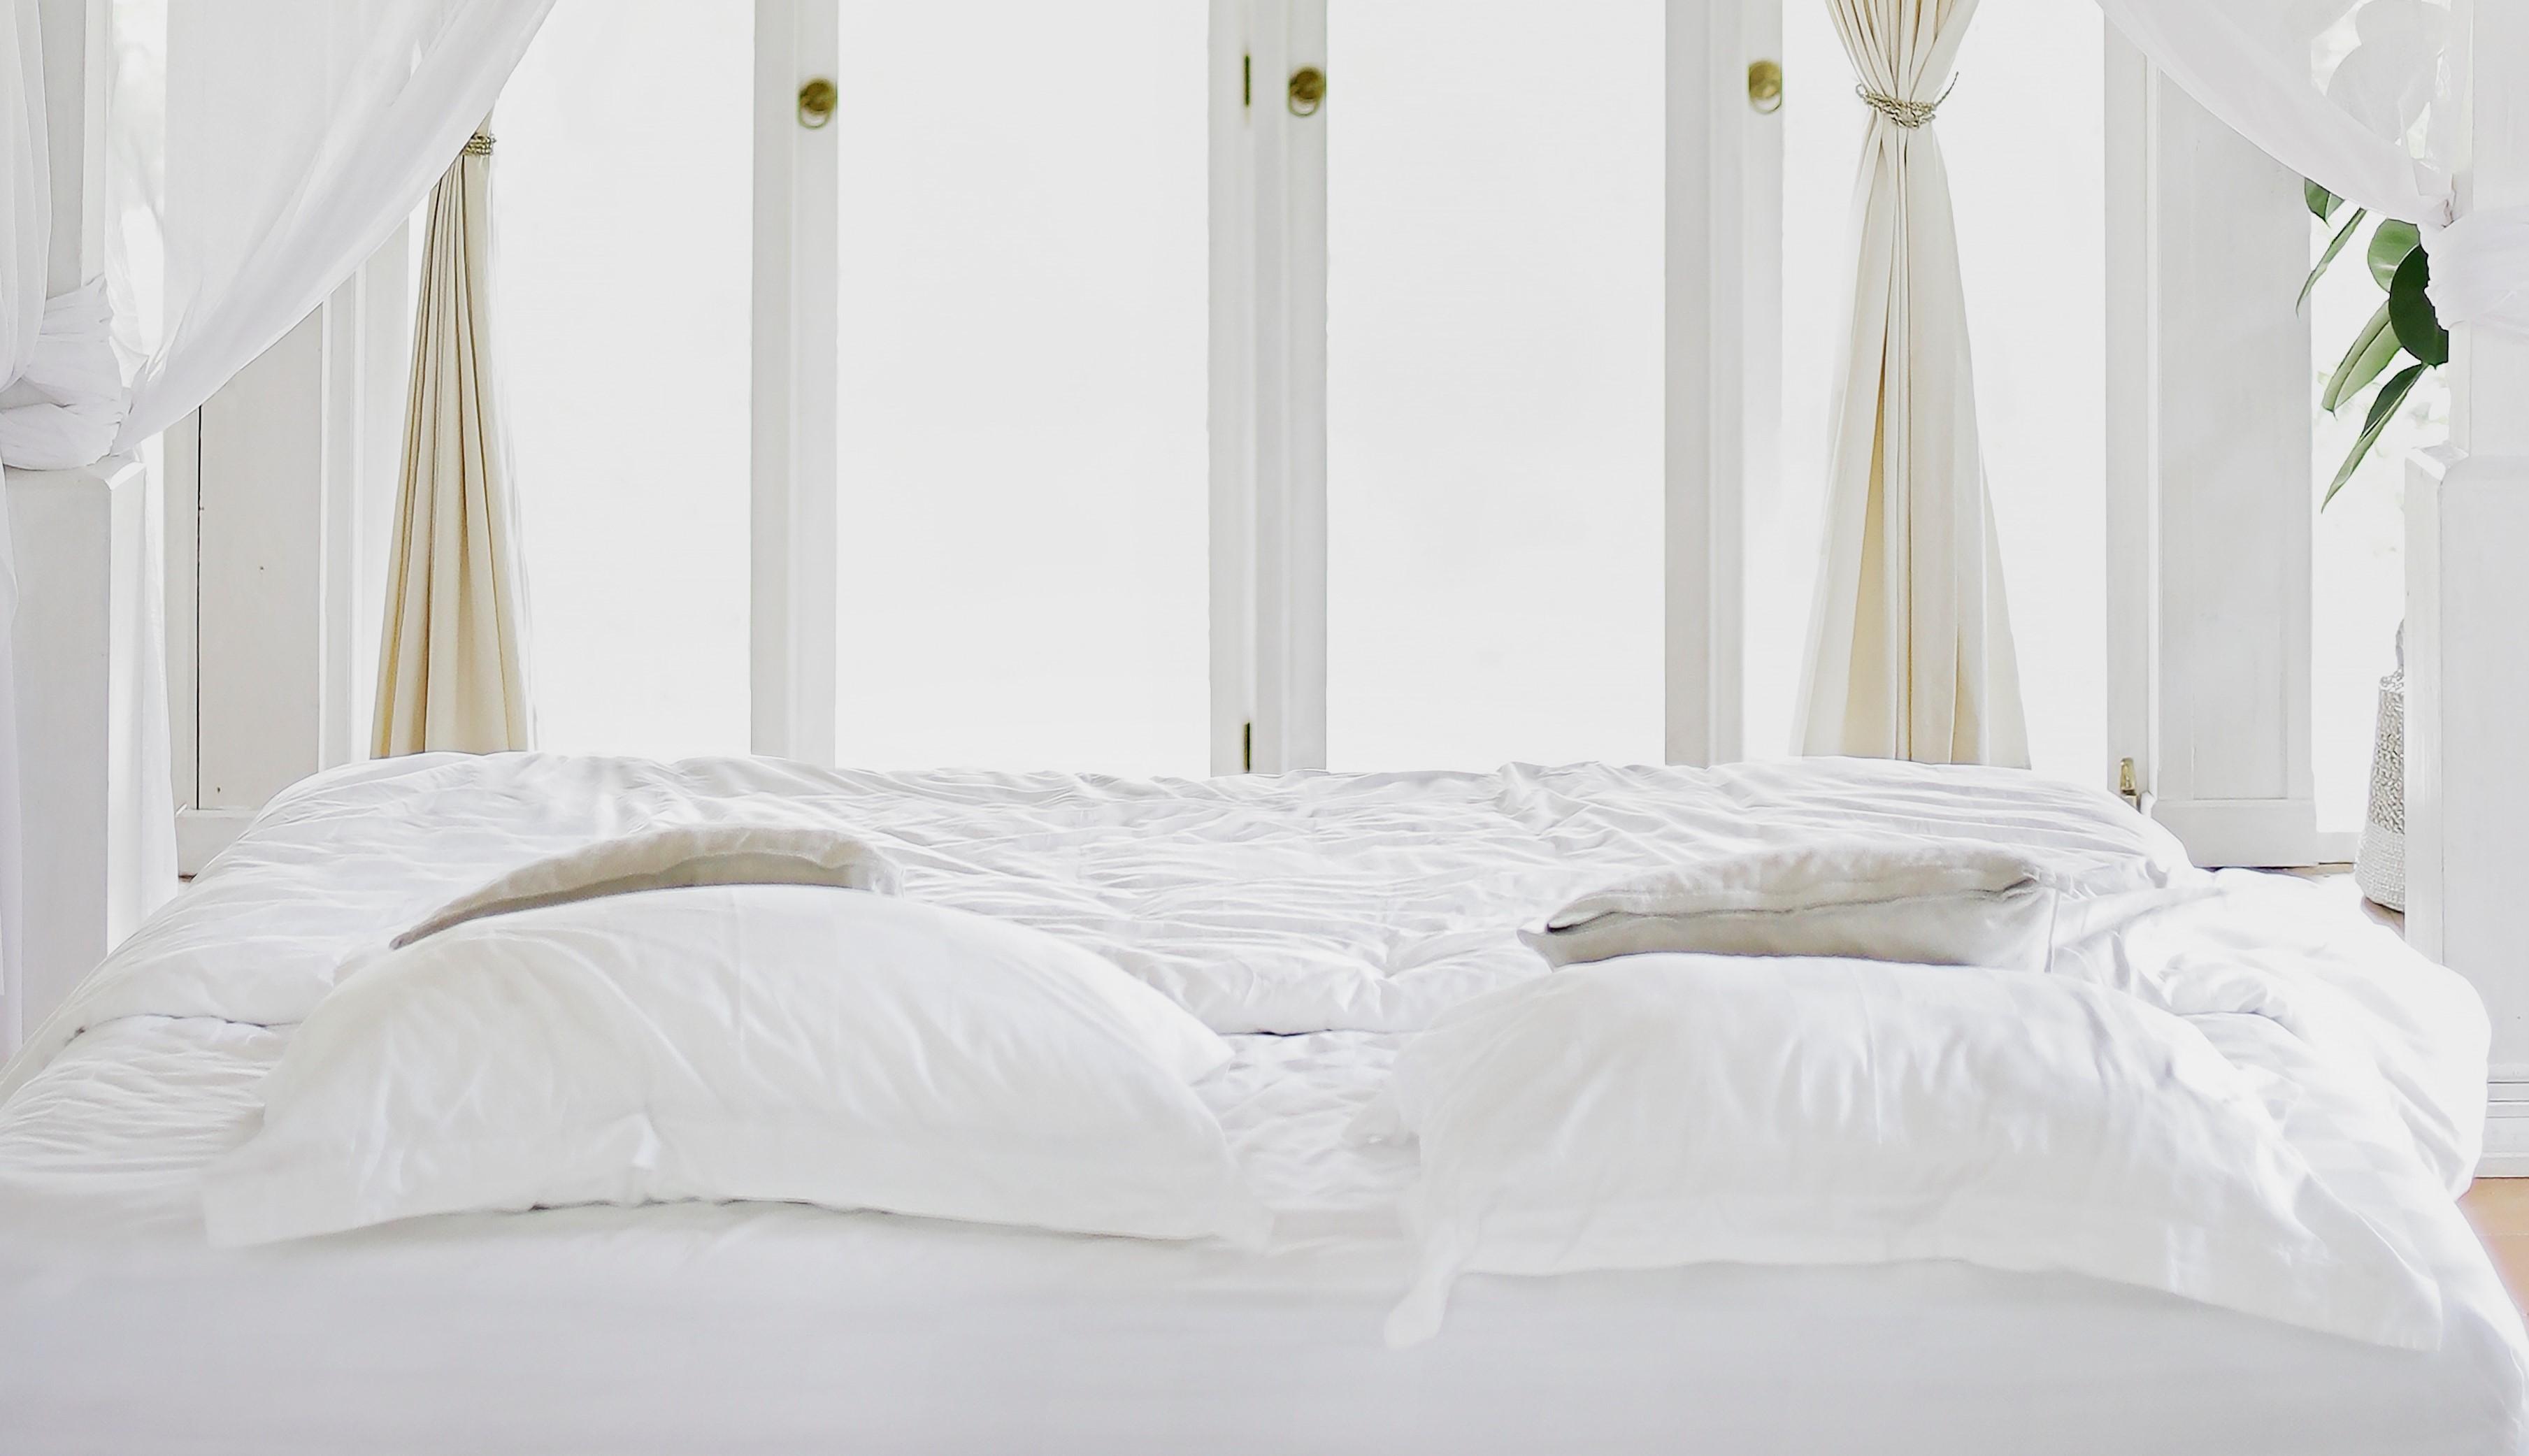 Bett mit weißer Bettwäsche, Credit: Unspalsh